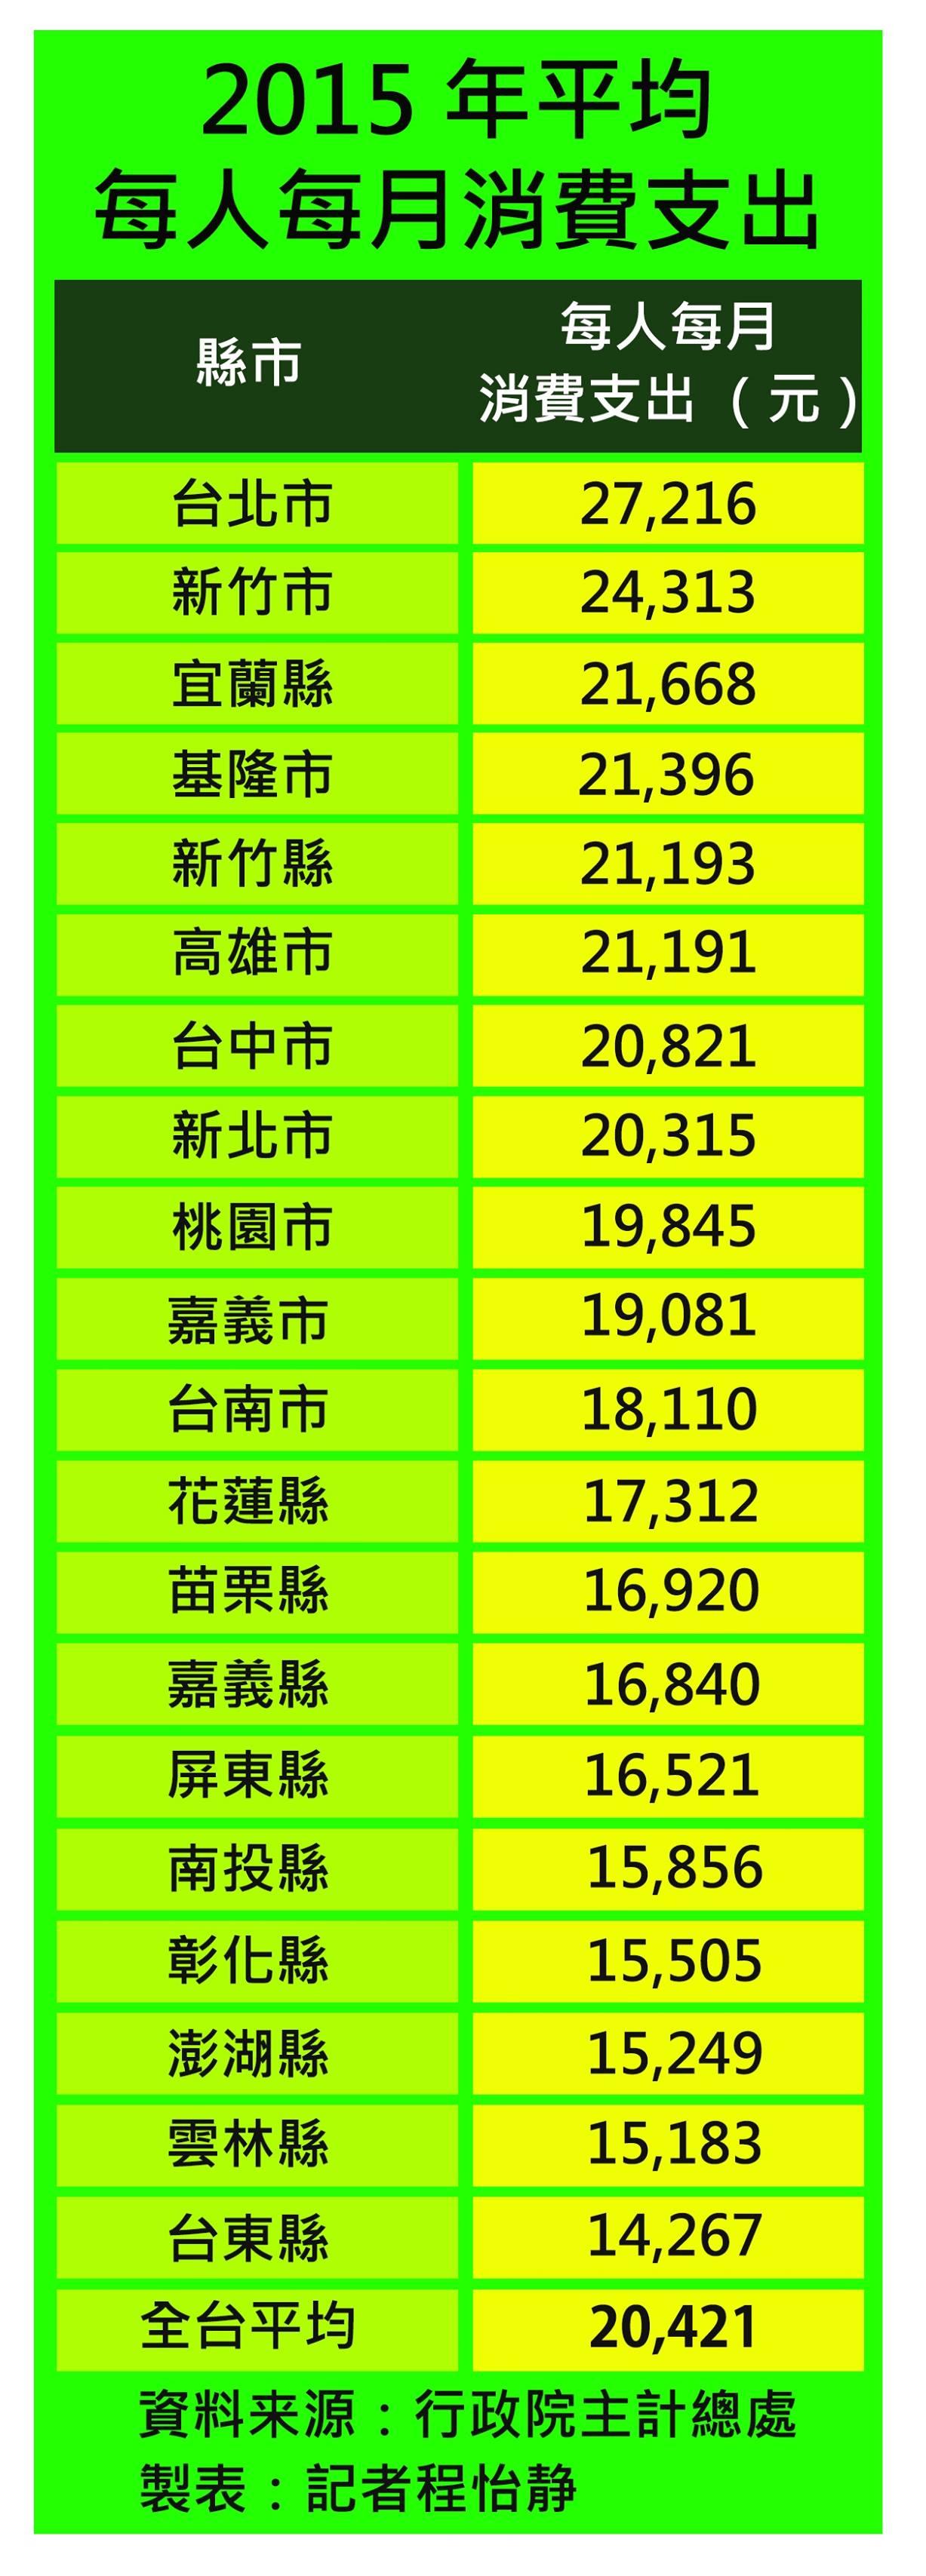 全台一共有8個縣市平均月消費衝破2萬元大關,台北市每人每月消費支出更是高的驚人,以2萬7千元佔據榜首位置。製表/程怡靜